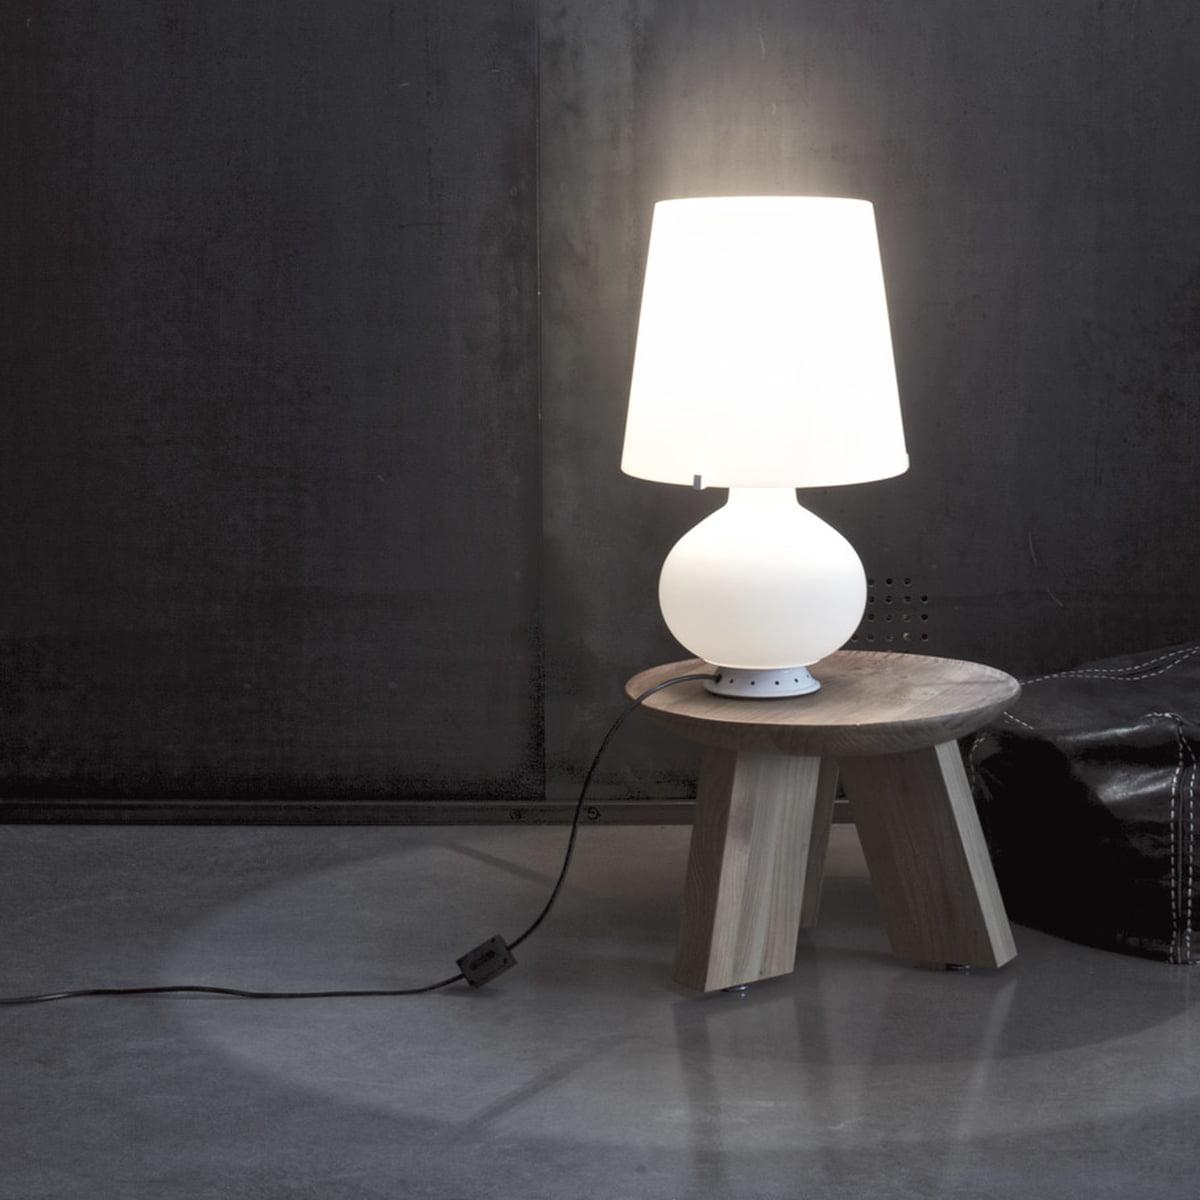 Fontanaarte fontana table lamp white